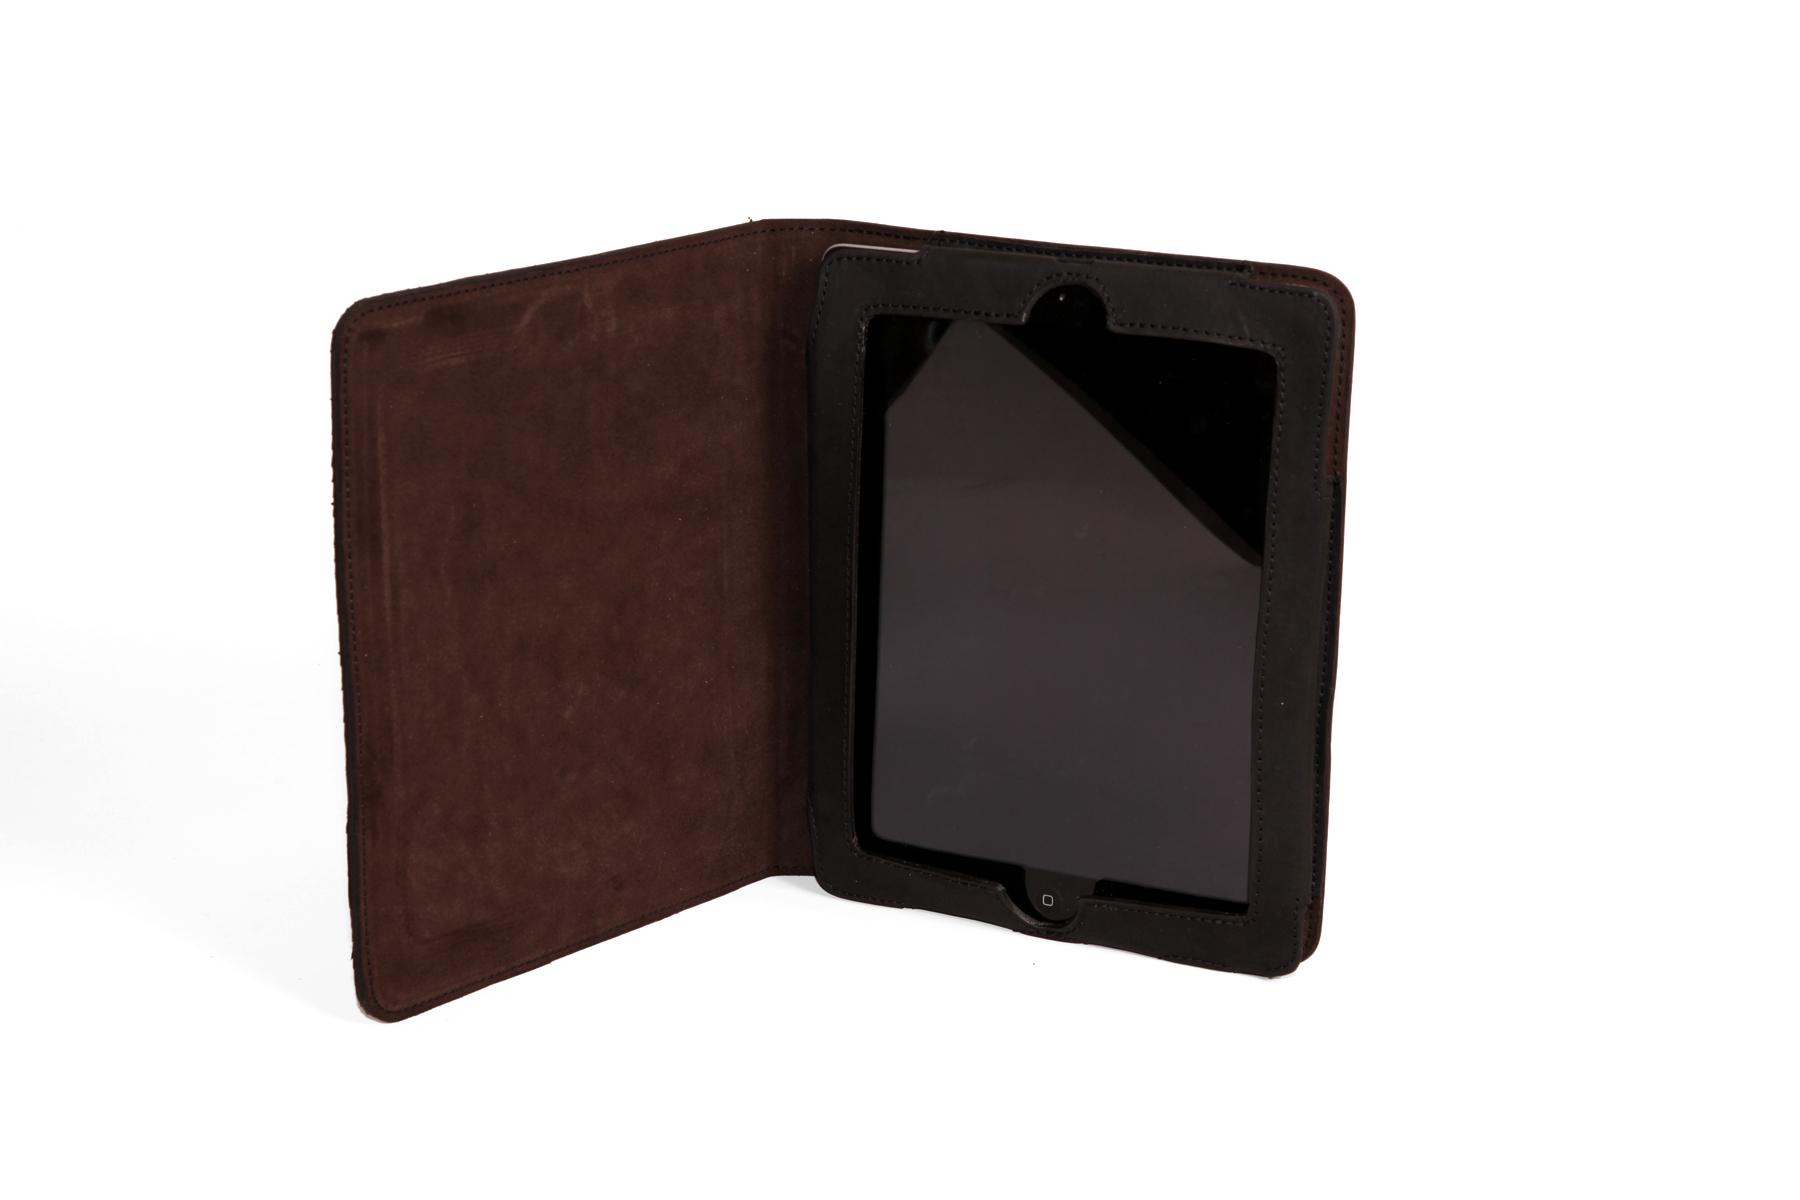 mahiout ifield iPad case in salmon skin